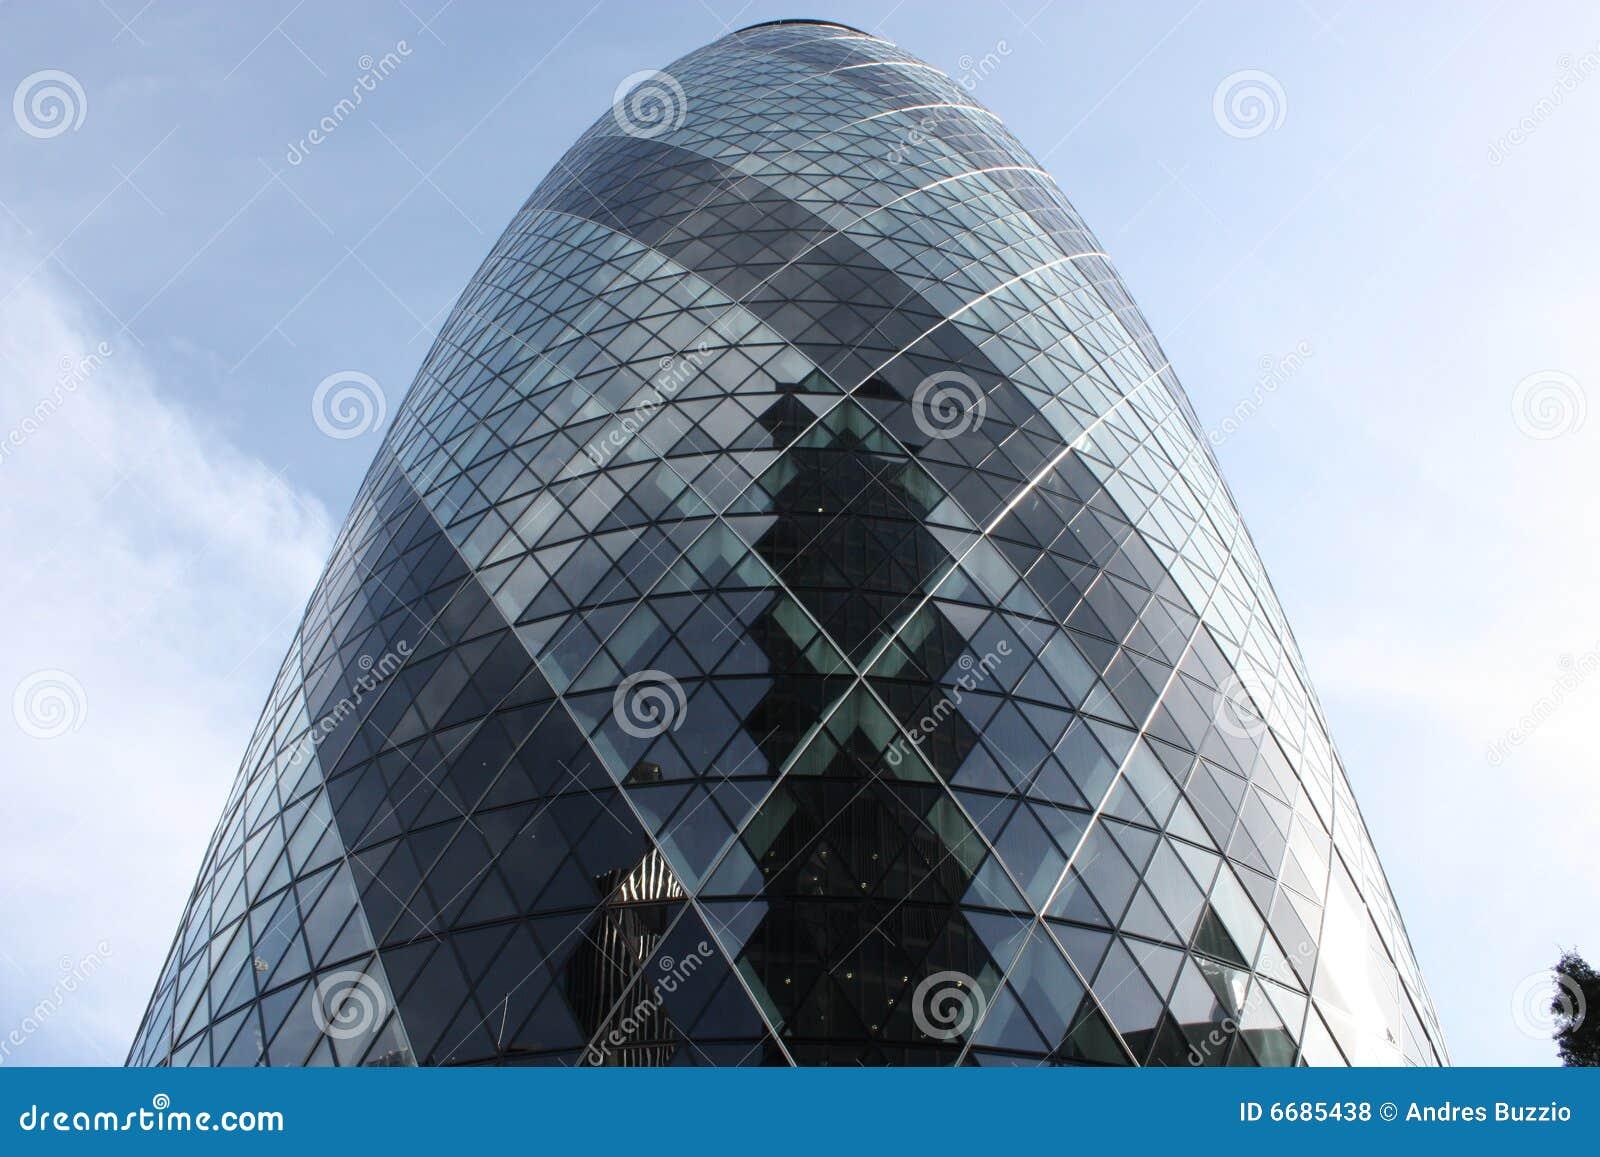 Skyscraper in the City